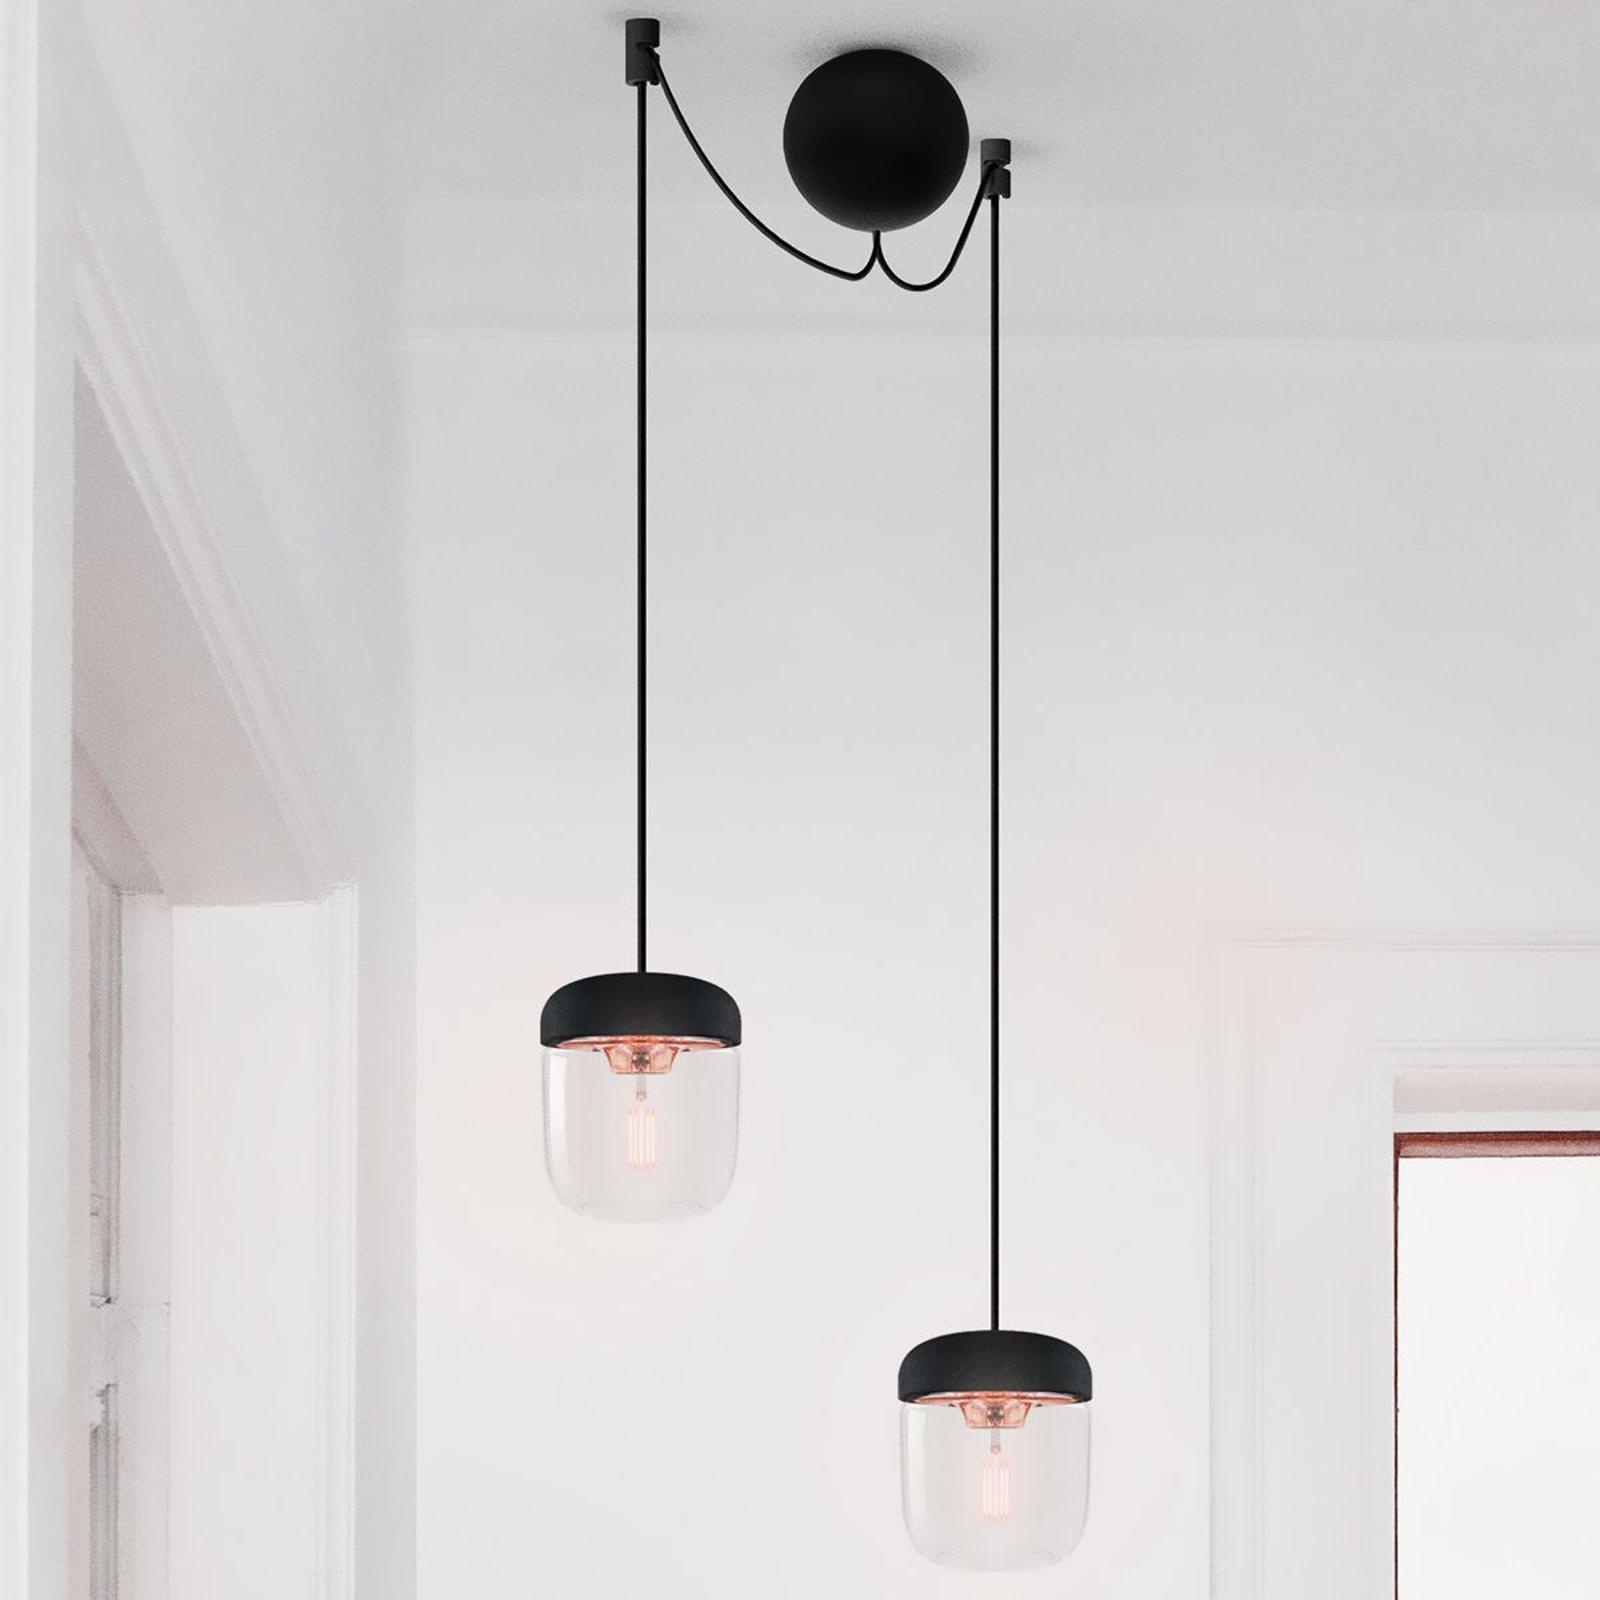 Lampa wisząca Acorn, 2-punktowa, czerń i miedź